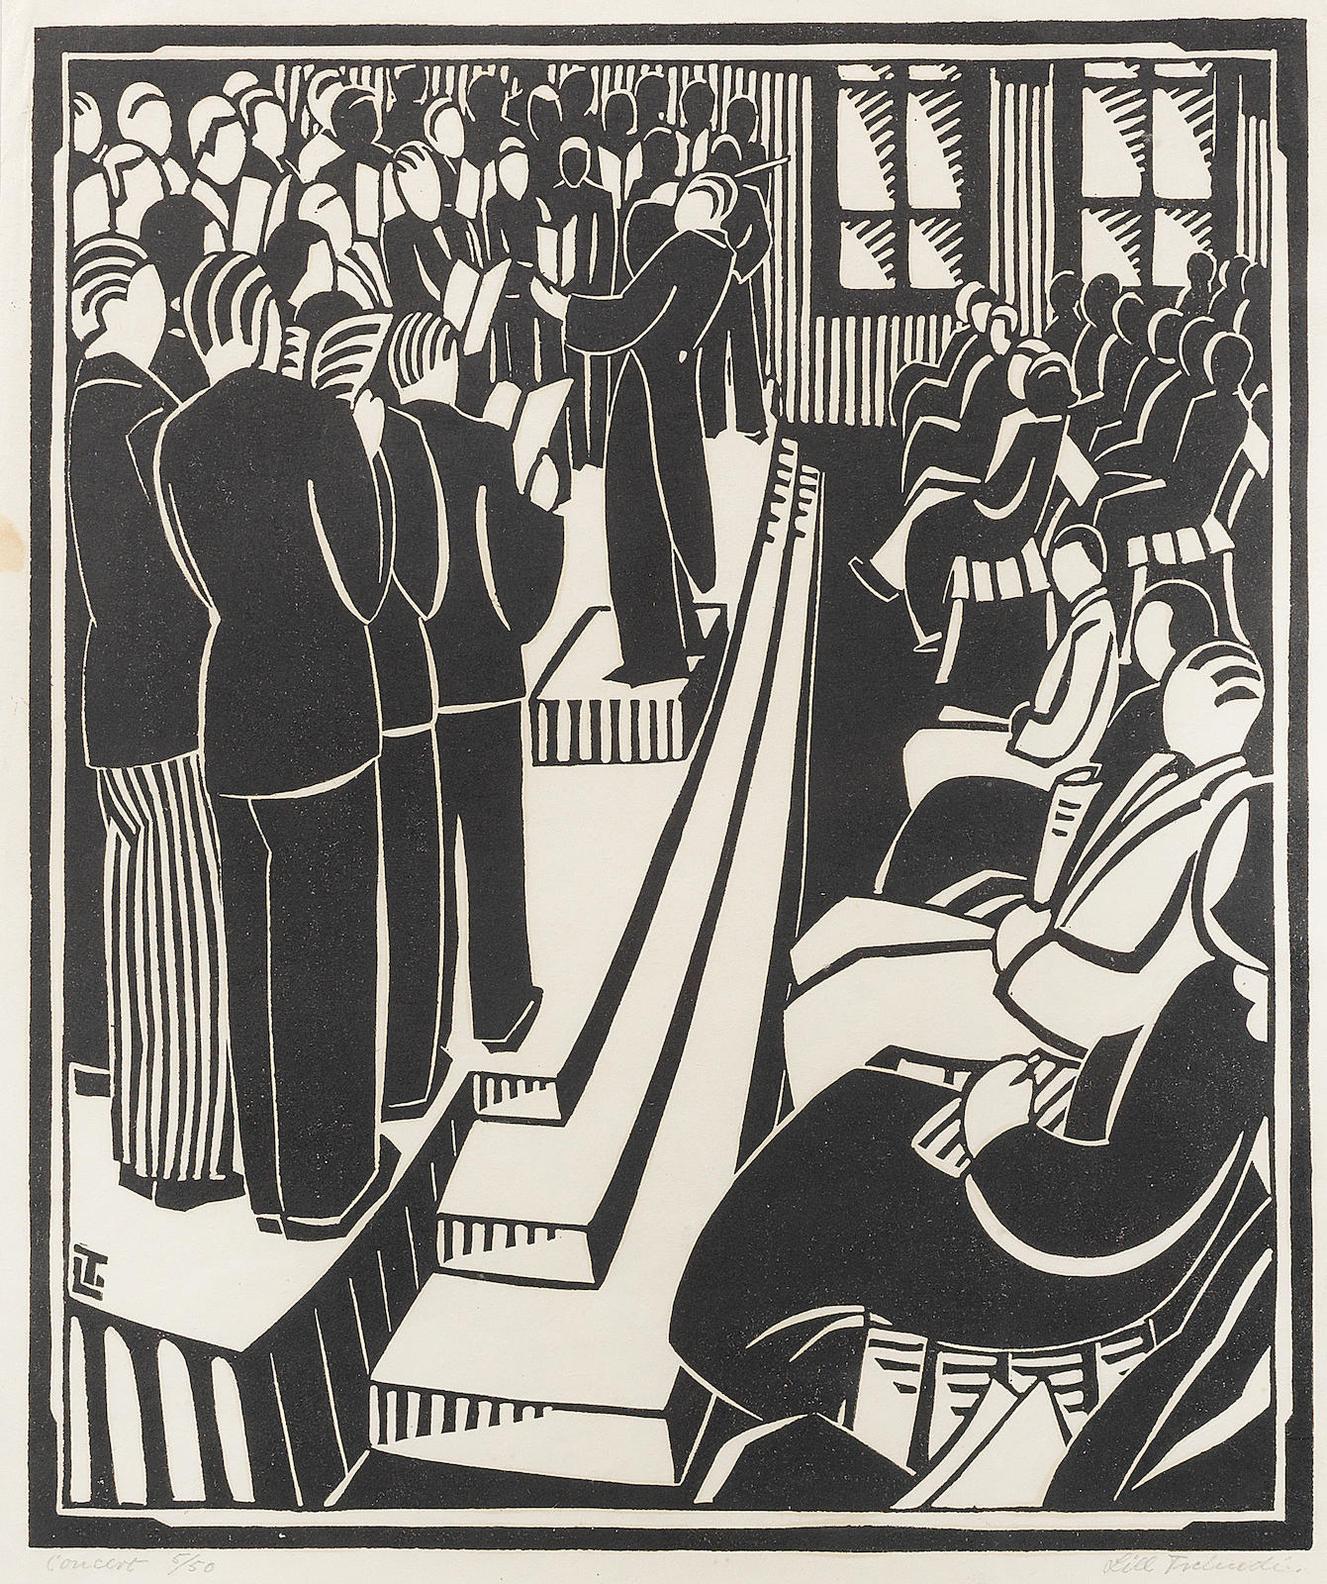 Lill Tschudi-Concert I (Coppel Lt 63)-1938